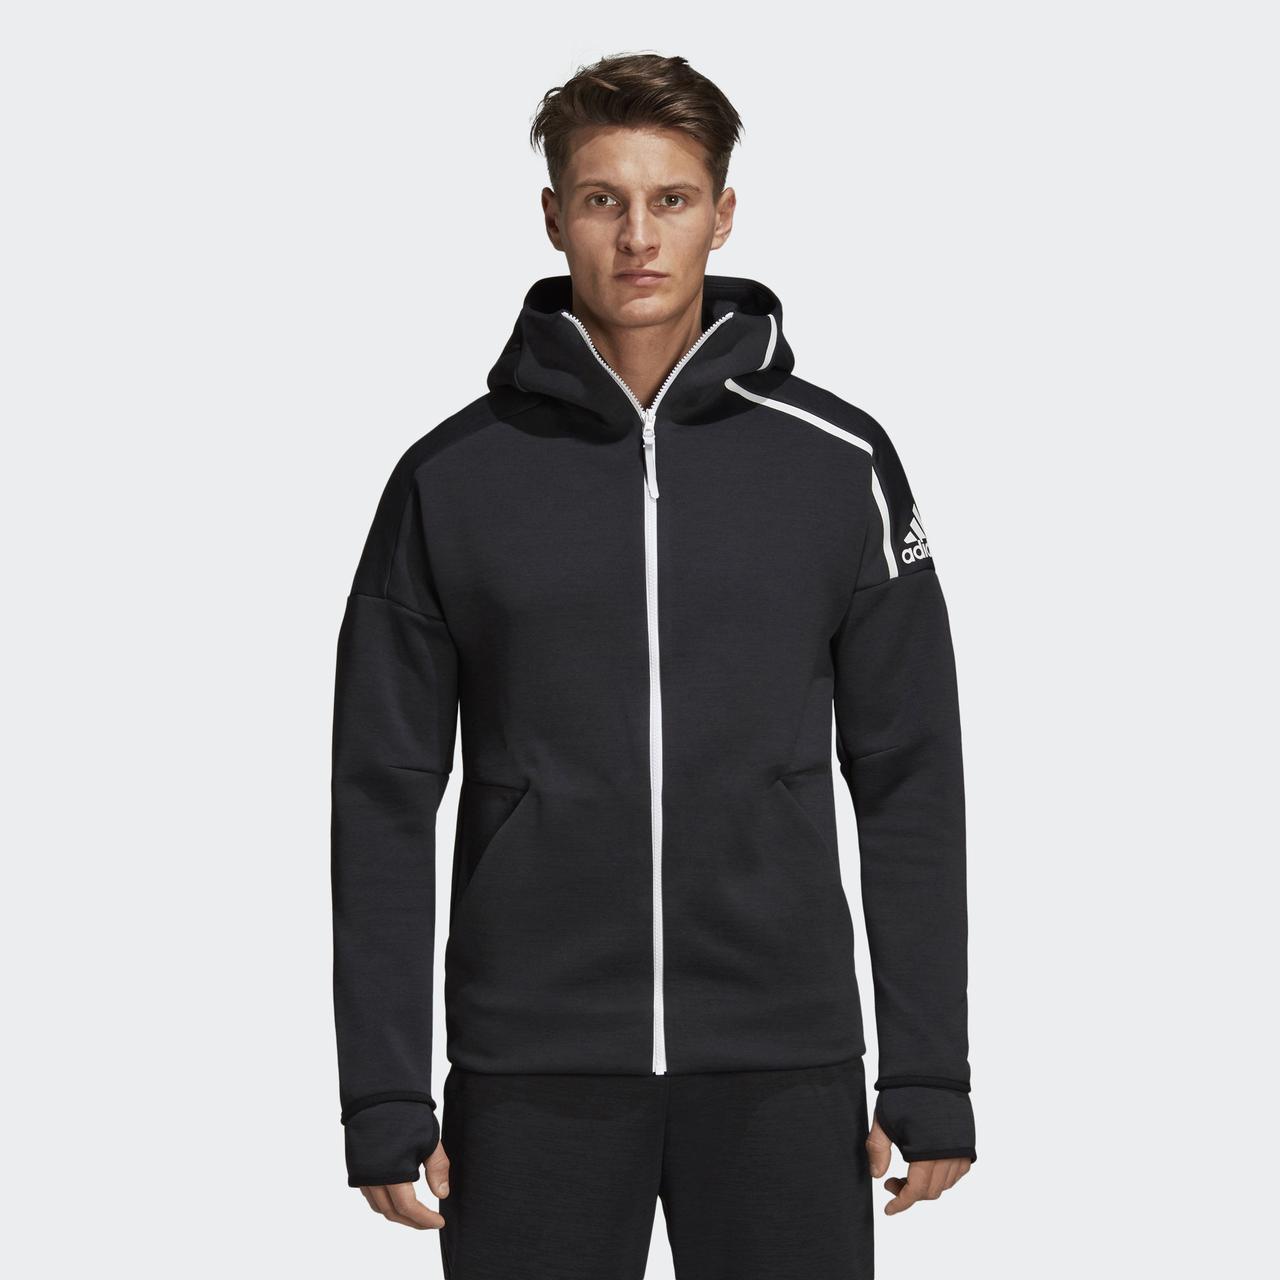 Мужская толстовка Adidas Performance Z.N.E. Fast Release (Артикул: DM5543)